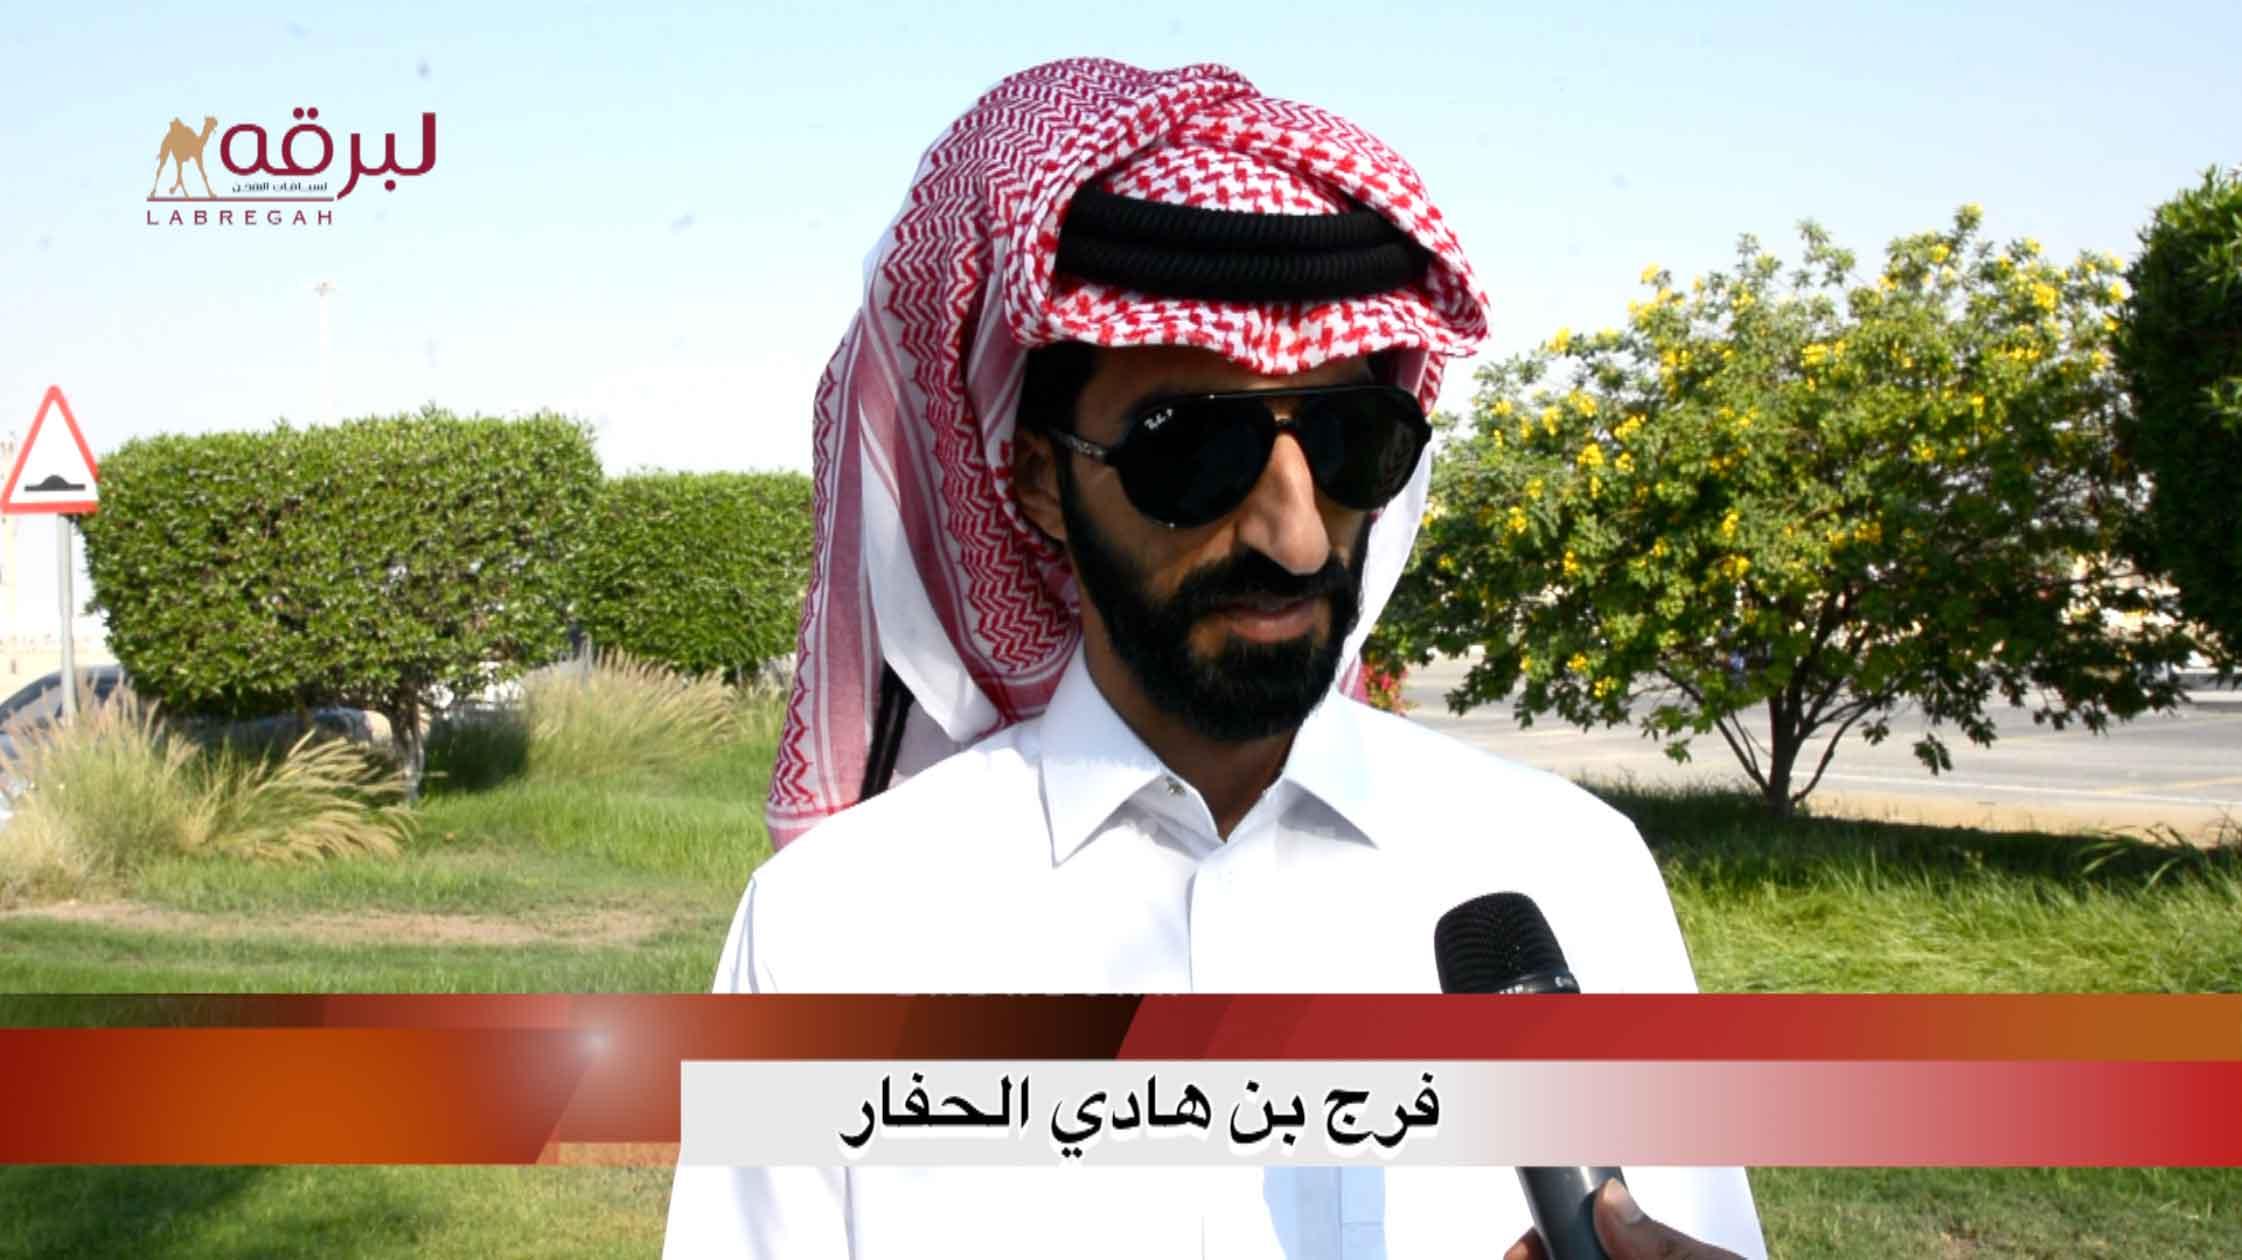 لقاء مع فرج بن هادي الحفار.. الشوط الرئيسي للحيل إنتاج الأشواط العامة  ١٢-١١-٢٠٢٠